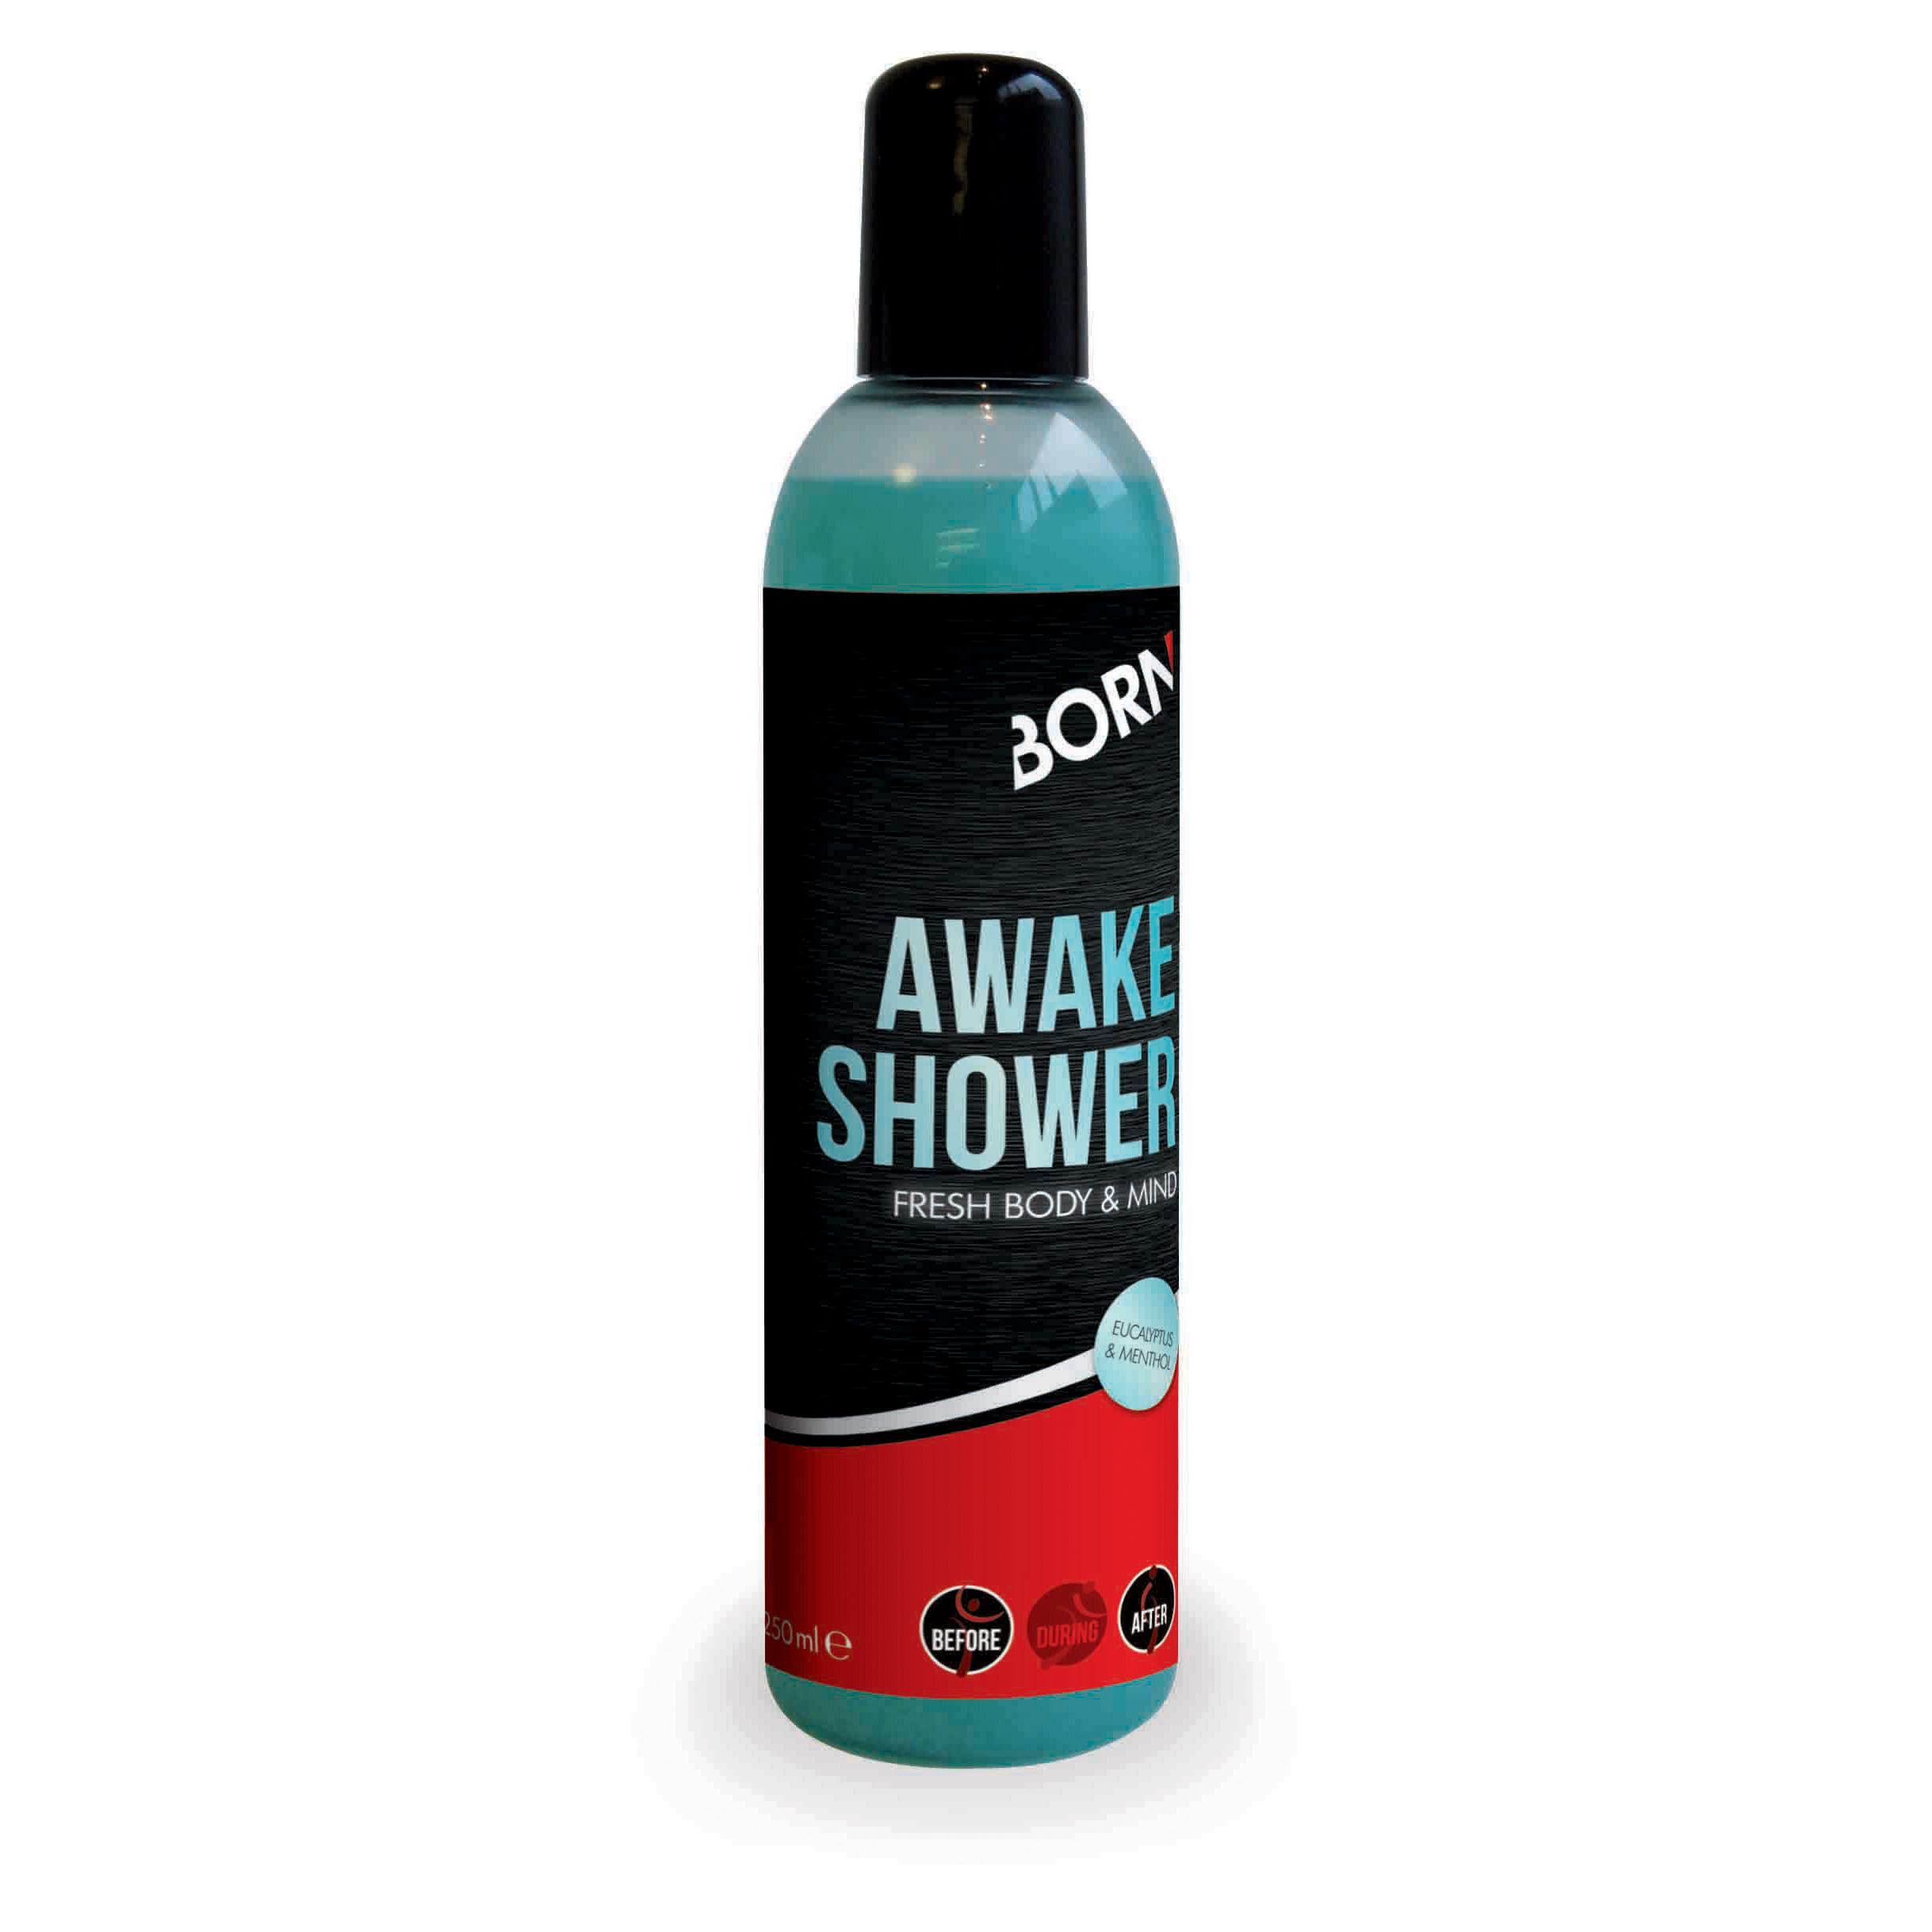 Born Awake Shower